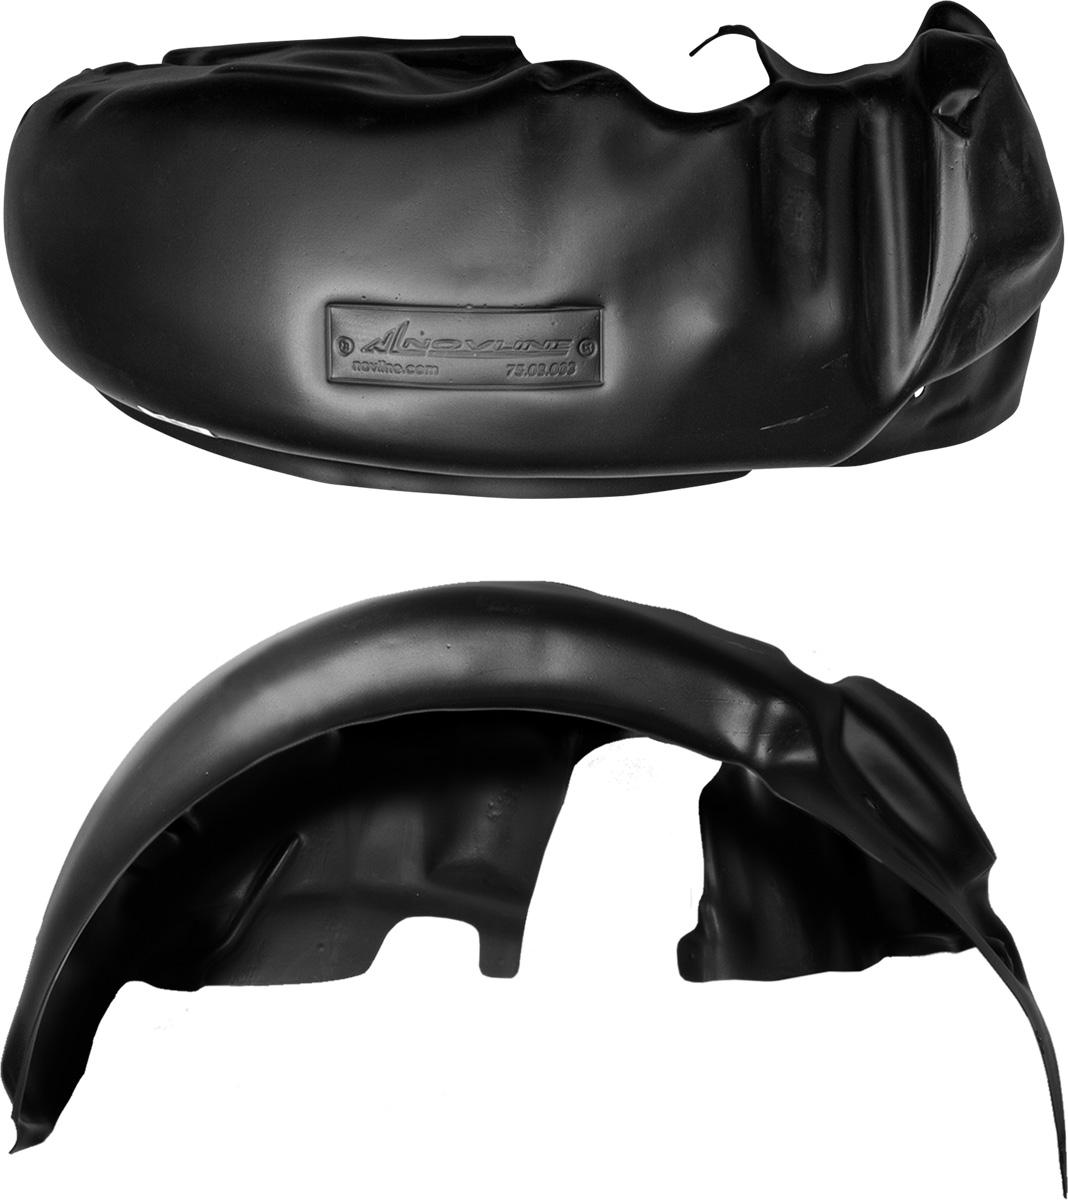 Подкрылок Novline-Autofamily, для NISSAN Juke 2WD 2010-2014, 2014-, задний левыйSVC-300Колесные ниши – одни из самых уязвимых зон днища вашего автомобиля. Они постоянно подвергаются воздействию со стороны дороги. Лучшая, почти абсолютная защита для них - специально отформованные пластиковые кожухи, которые называются подкрылками, или локерами. Производятся они как для отечественных моделей автомобилей, так и для иномарок. Подкрылки выполнены из высококачественного, экологически чистого пластика. Обеспечивают надежную защиту кузова автомобиля от пескоструйного эффекта и негативного влияния, агрессивных антигололедных реагентов. Пластик обладает более низкой теплопроводностью, чем металл, поэтому в зимний период эксплуатации использование пластиковых подкрылков позволяет лучше защитить колесные ниши от налипания снега и образования наледи. Оригинальность конструкции подчеркивает элегантность автомобиля, бережно защищает нанесенное на днище кузова антикоррозийное покрытие и позволяет осуществить крепление подкрылков внутри колесной арки практически без дополнительного крепежа и сверления, не нарушая при этом лакокрасочного покрытия, что предотвращает возникновение новых очагов коррозии. Технология крепления подкрылков на иномарки принципиально отличается от крепления на российские автомобили и разрабатывается индивидуально для каждой модели автомобиля. Подкрылки долговечны, обладают высокой прочностью и сохраняют заданную форму, а также все свои физико-механические характеристики в самых тяжелых климатических условиях ( от -50° С до + 50° С).